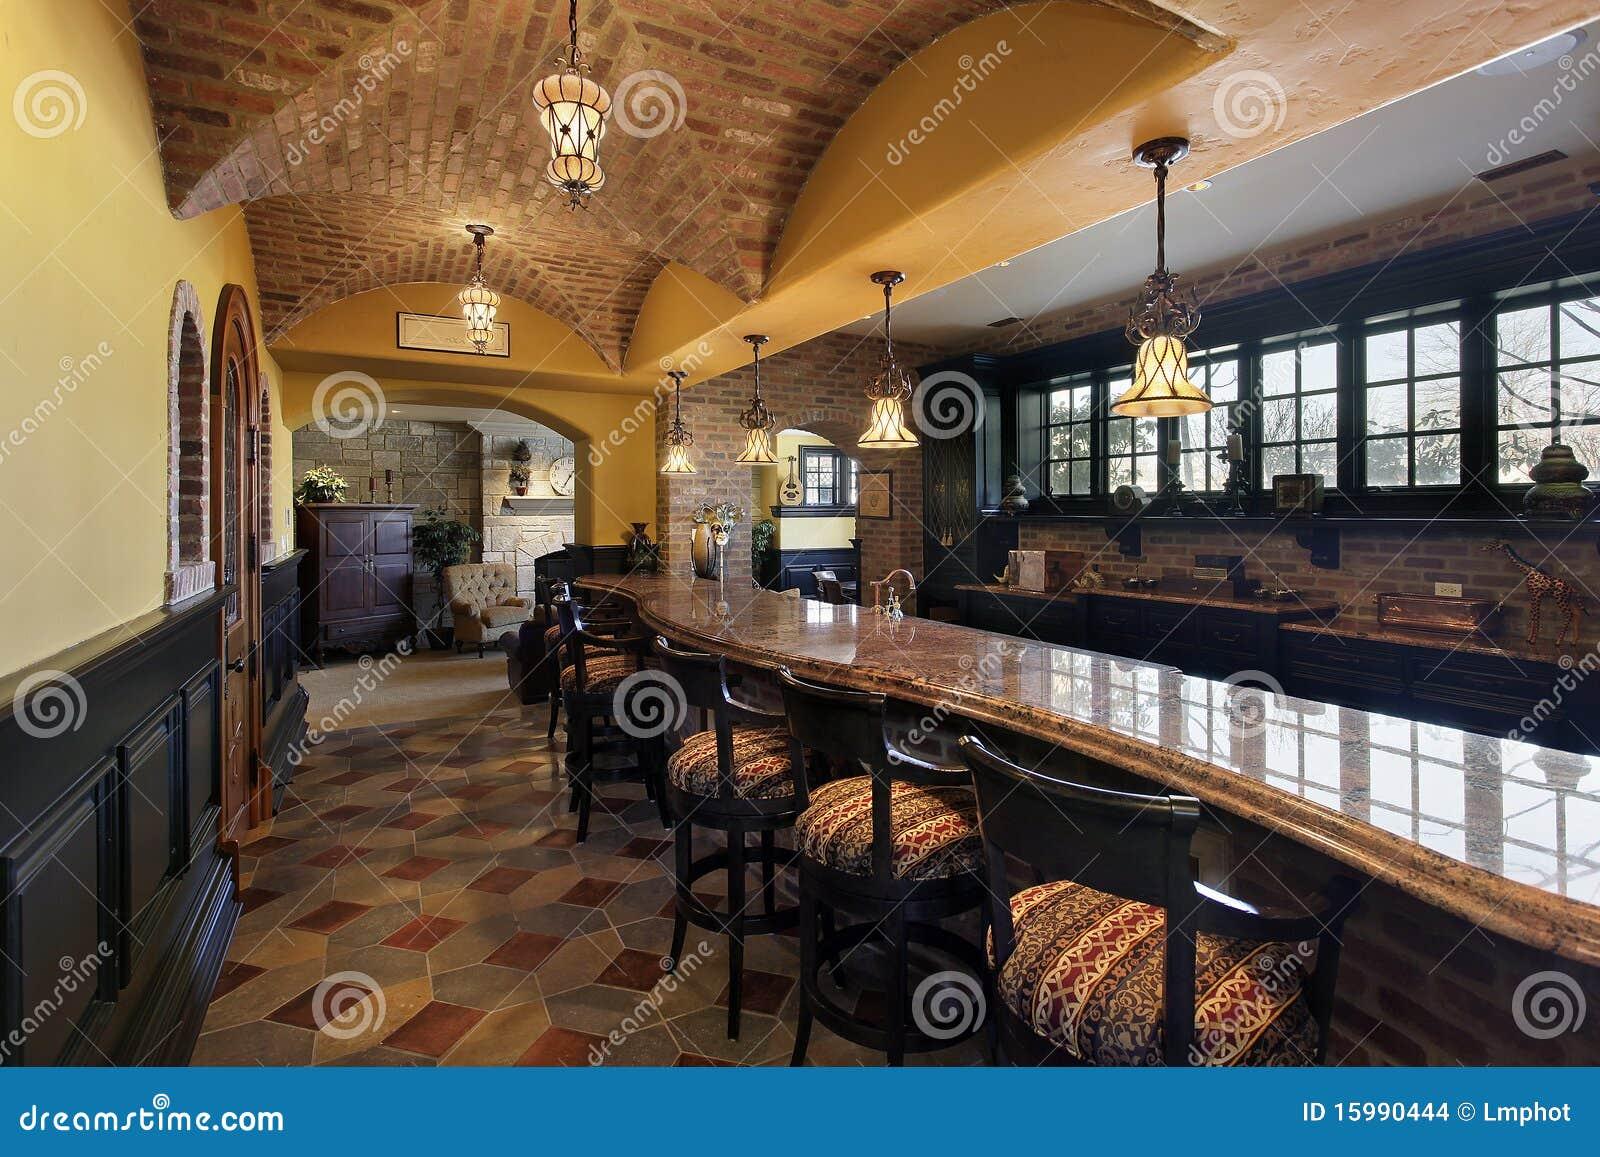 Barra e sgabelli nella casa di lusso fotografia stock for Arredamento casa di lusso